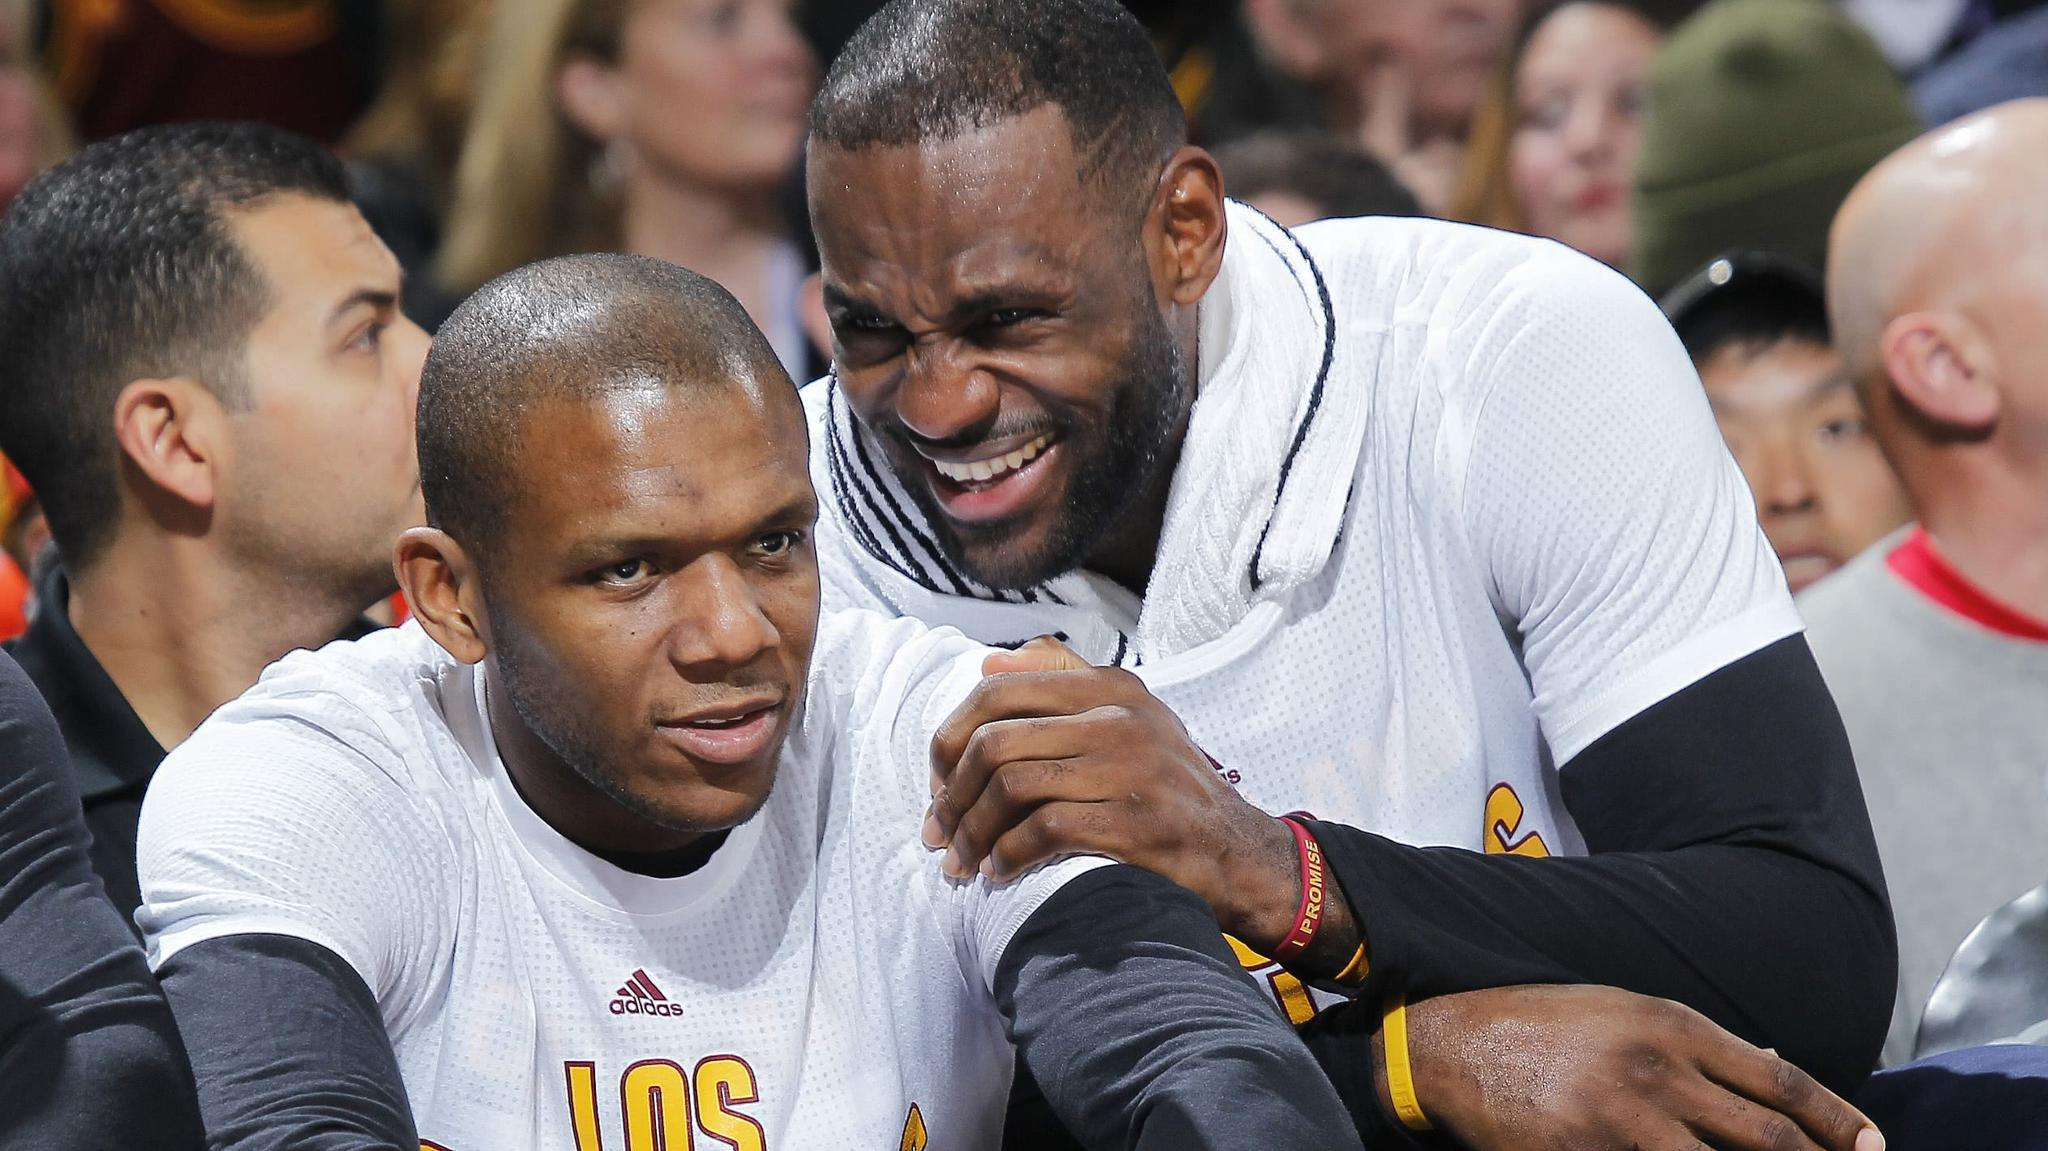 實力不強卻沒人不服!NBA五大更衣室領袖,他敢當面批評詹姆斯!-黑特籃球-NBA新聞影音圖片分享社區